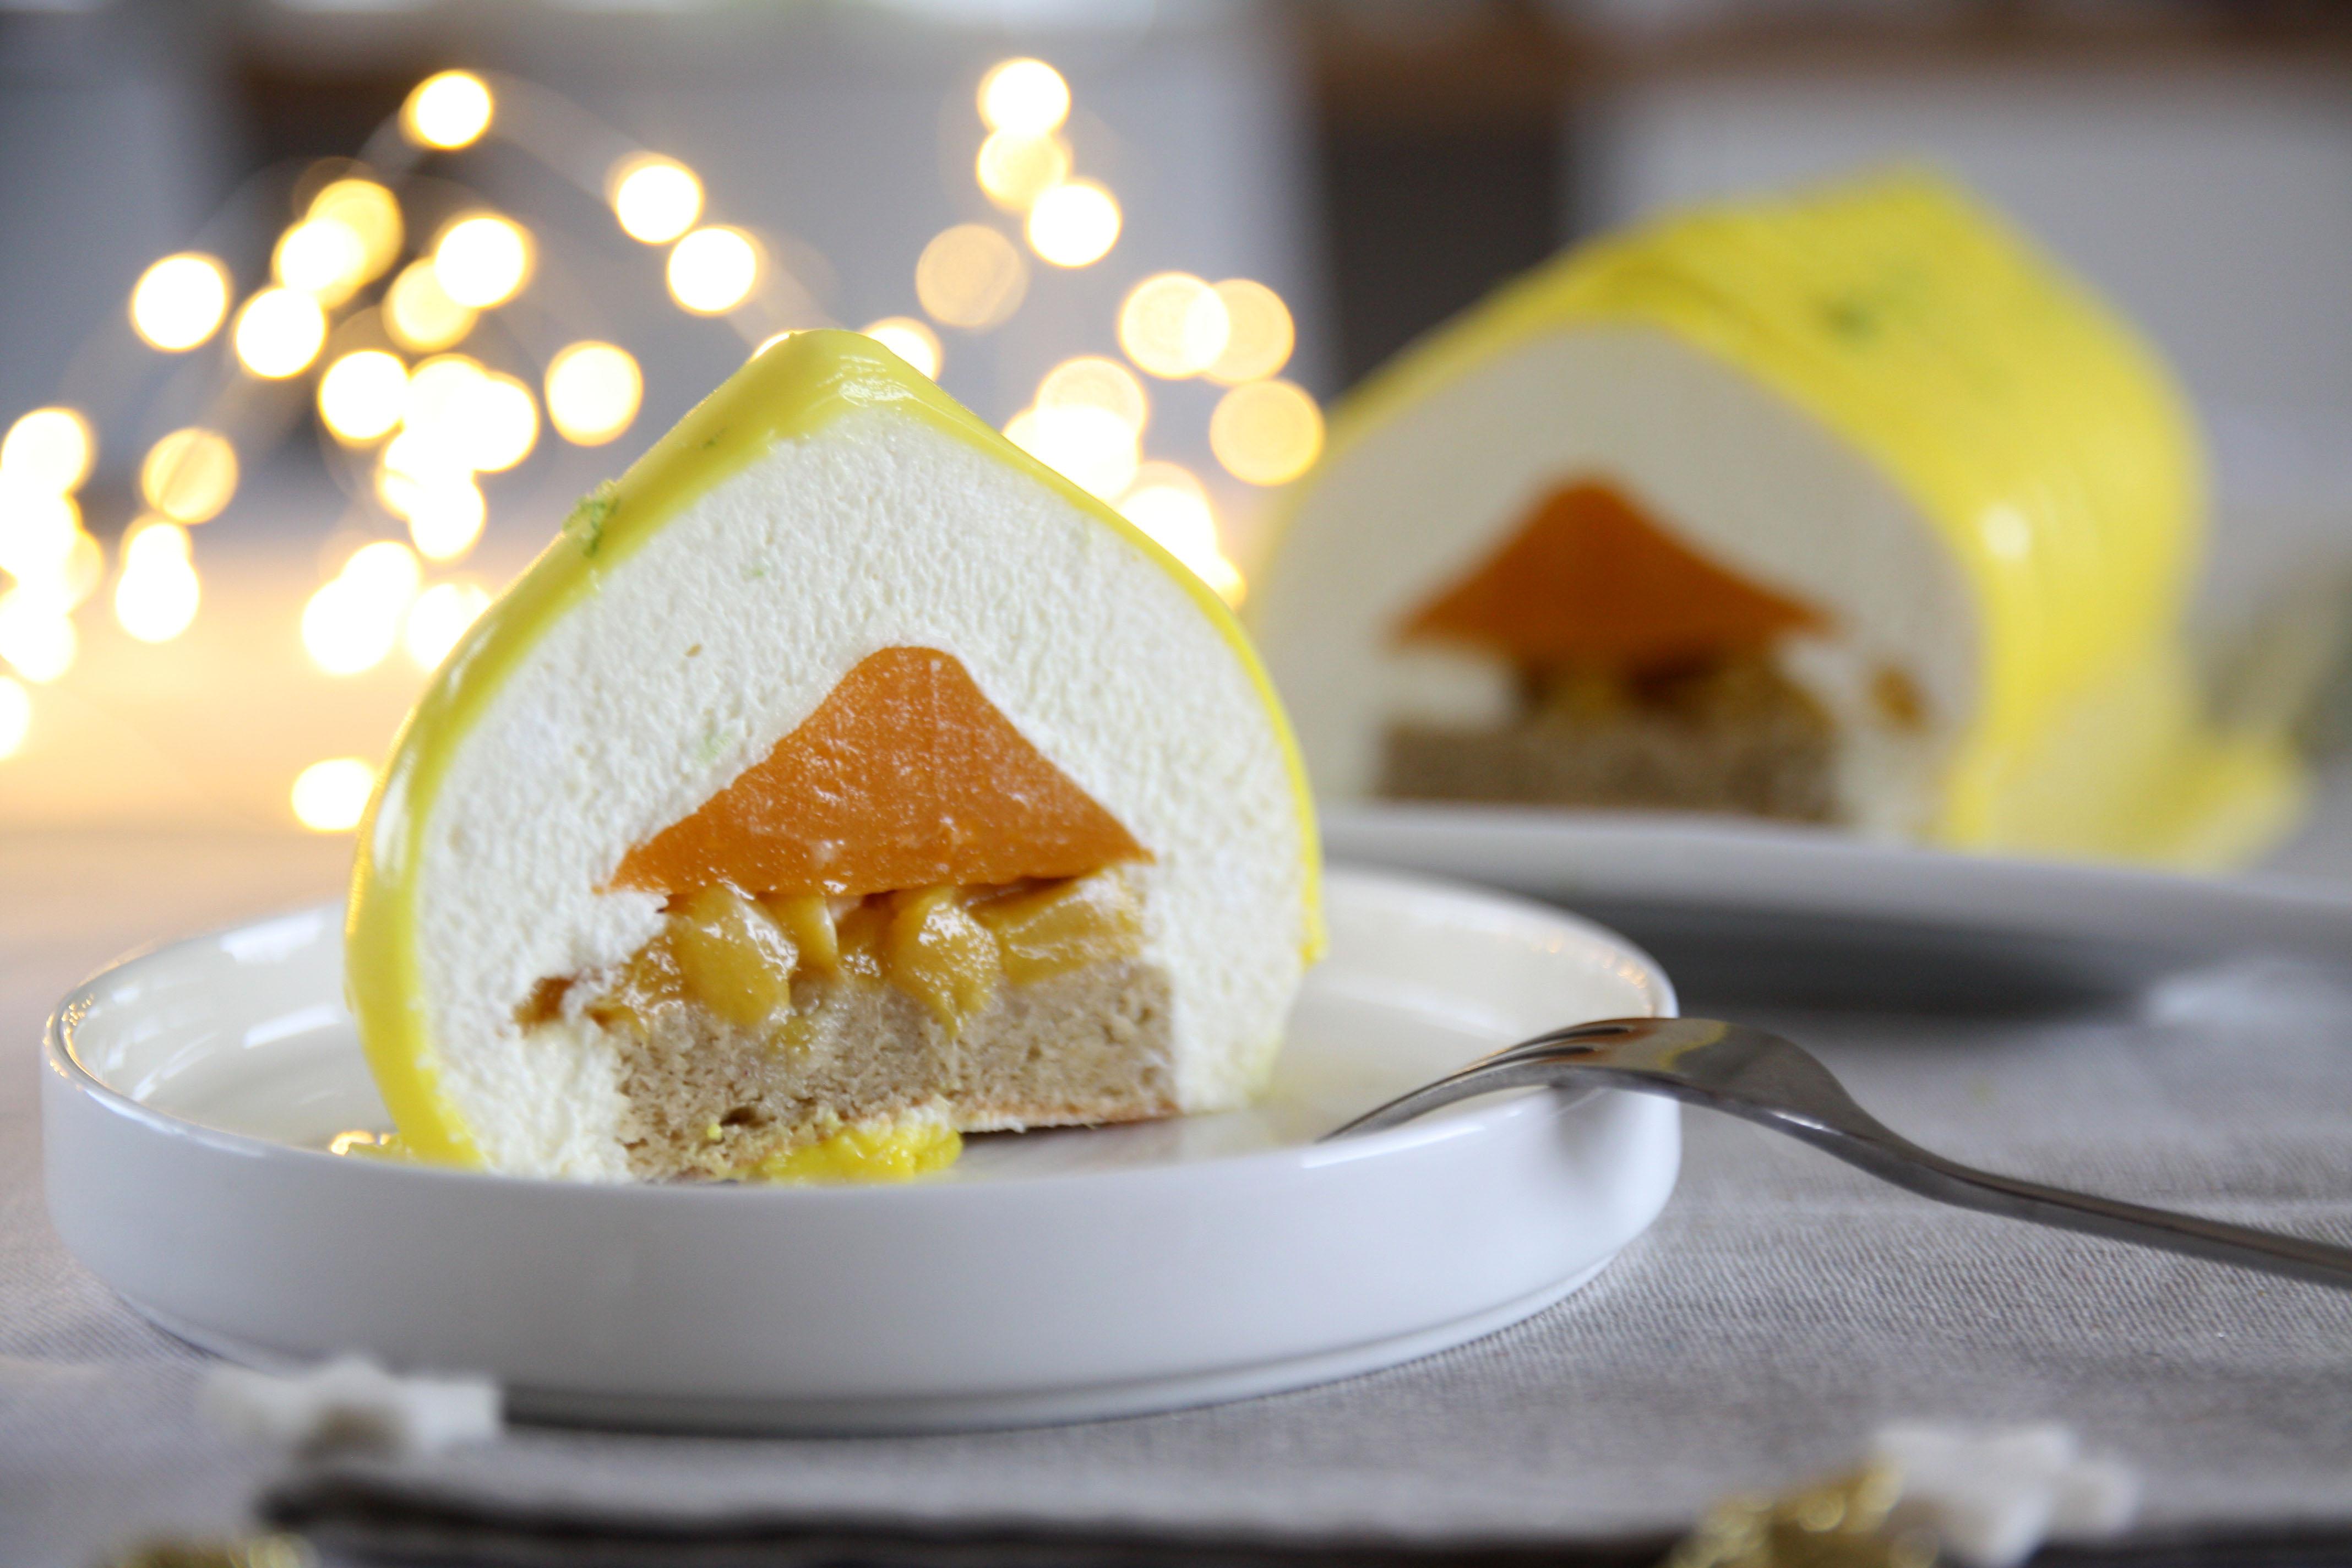 Ricetta Tronchetto Di Natale Per 10 Persone.Tronchetto Moderno Al Pistacchio Con Frutti Esotici E Mousse Al